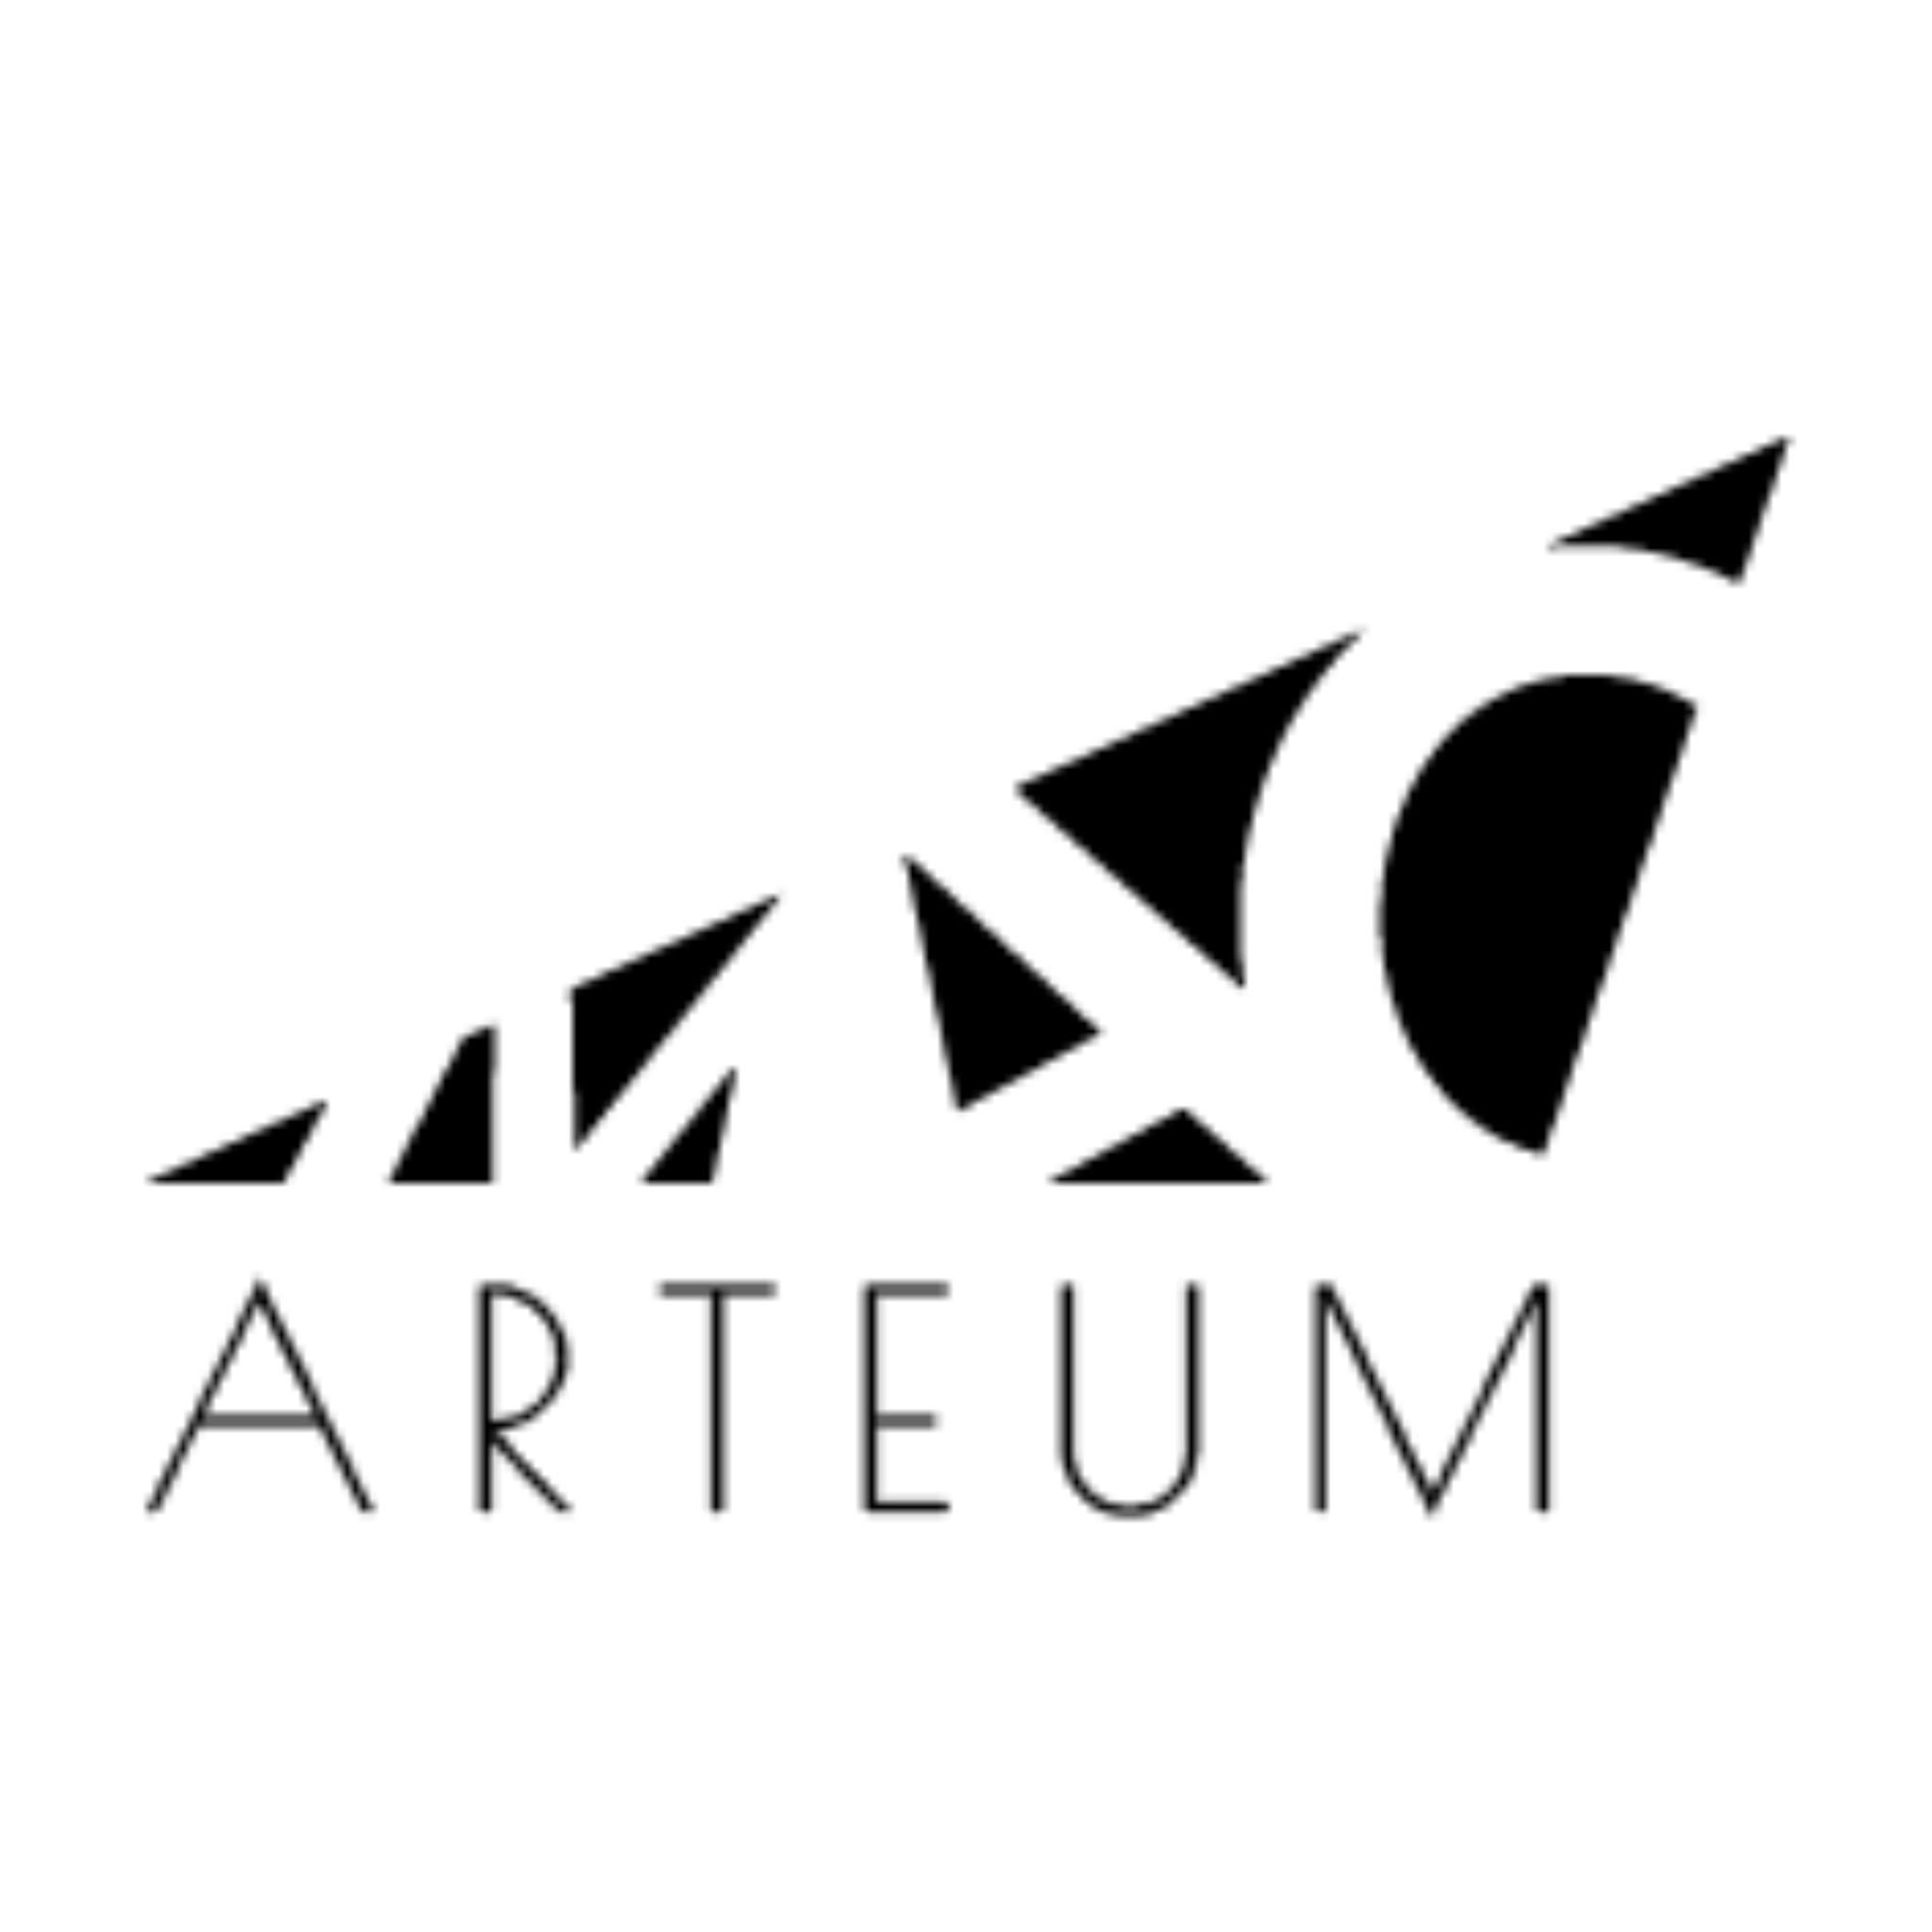 Arteum MAC